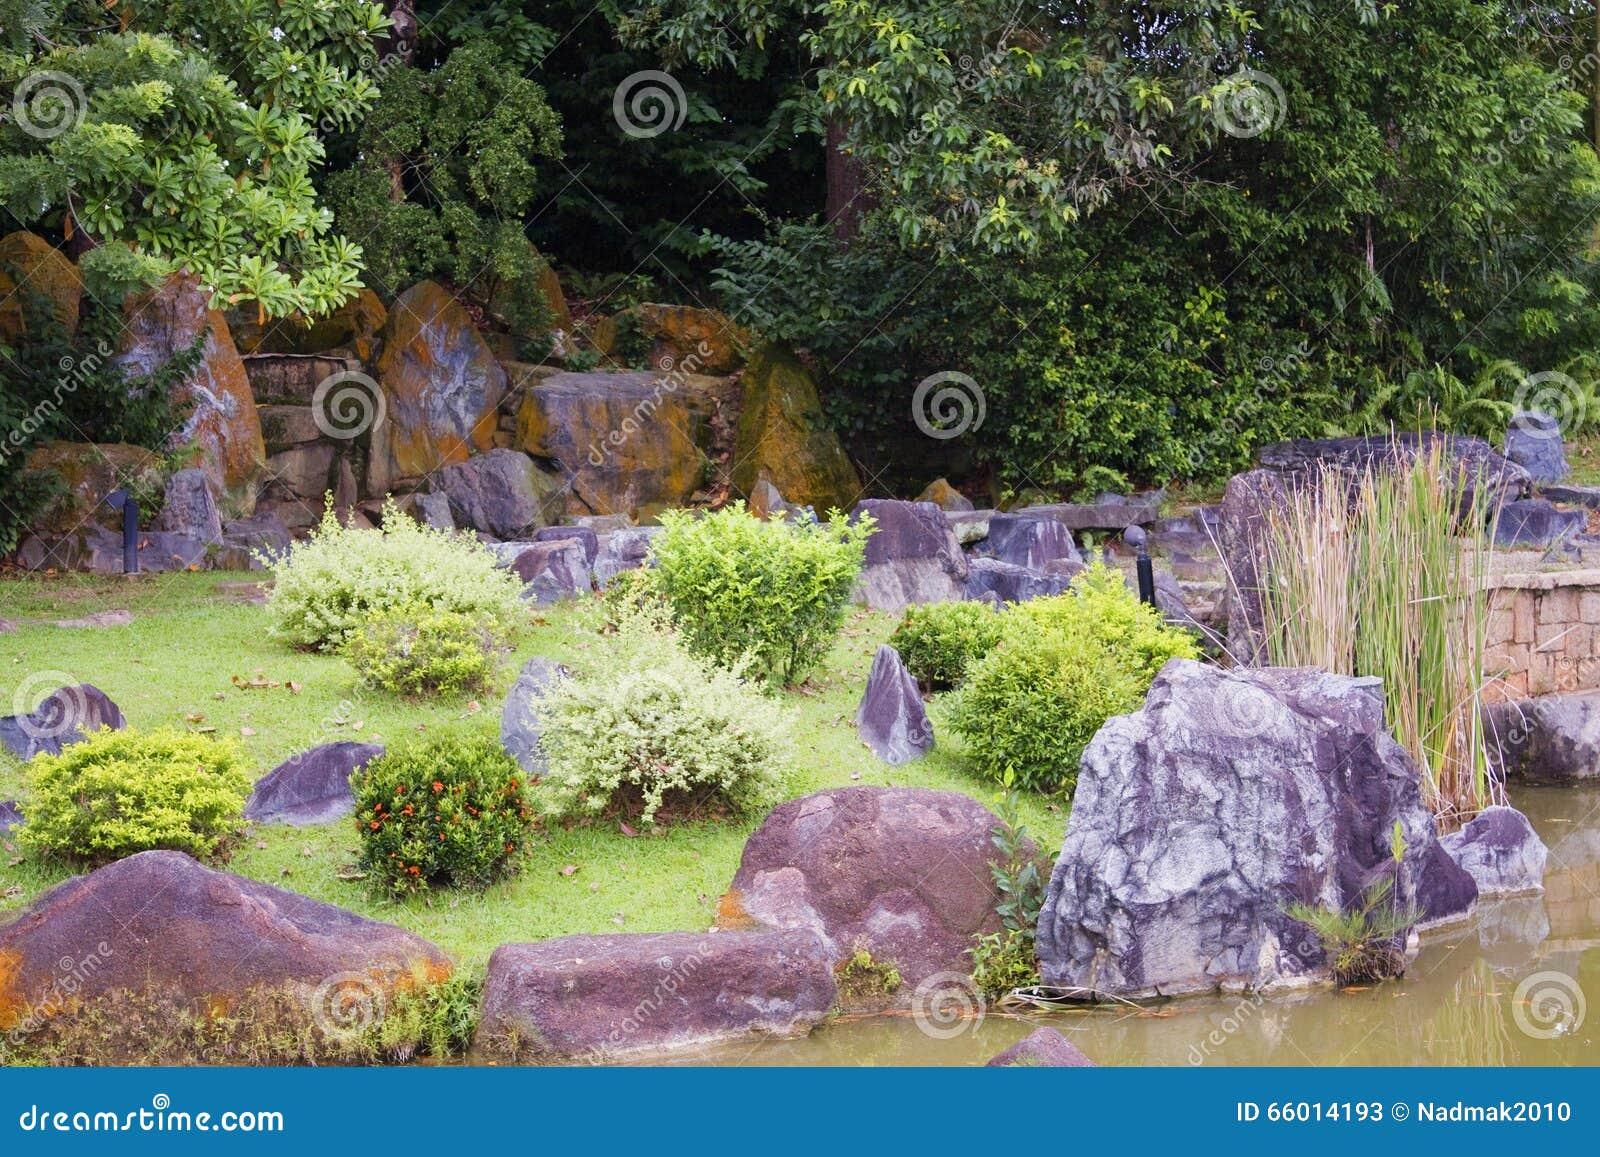 Rotsblokken Voor Tuin : Tuin rotsen kleine rots tuintjes die we allemaal wel in onze tuin